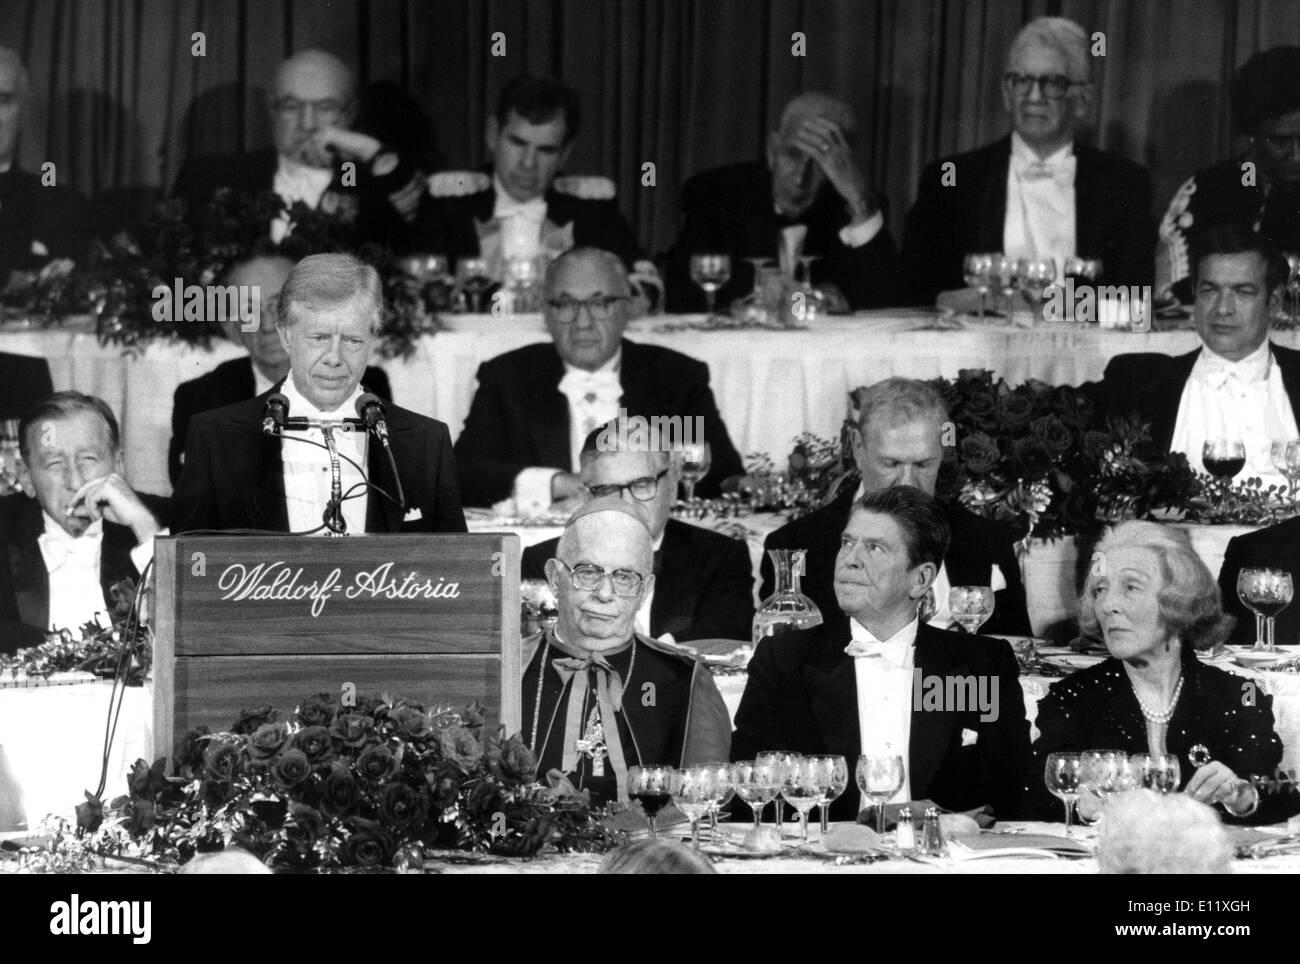 Oct 16, 1980; Nueva York, NY, EUA; Reagan murió el 5 de junio, 2004. El 40º Presidente de Estados Unidos (1981-89), Ronald Wilson Reagan (Republicano). Imagen De Stock